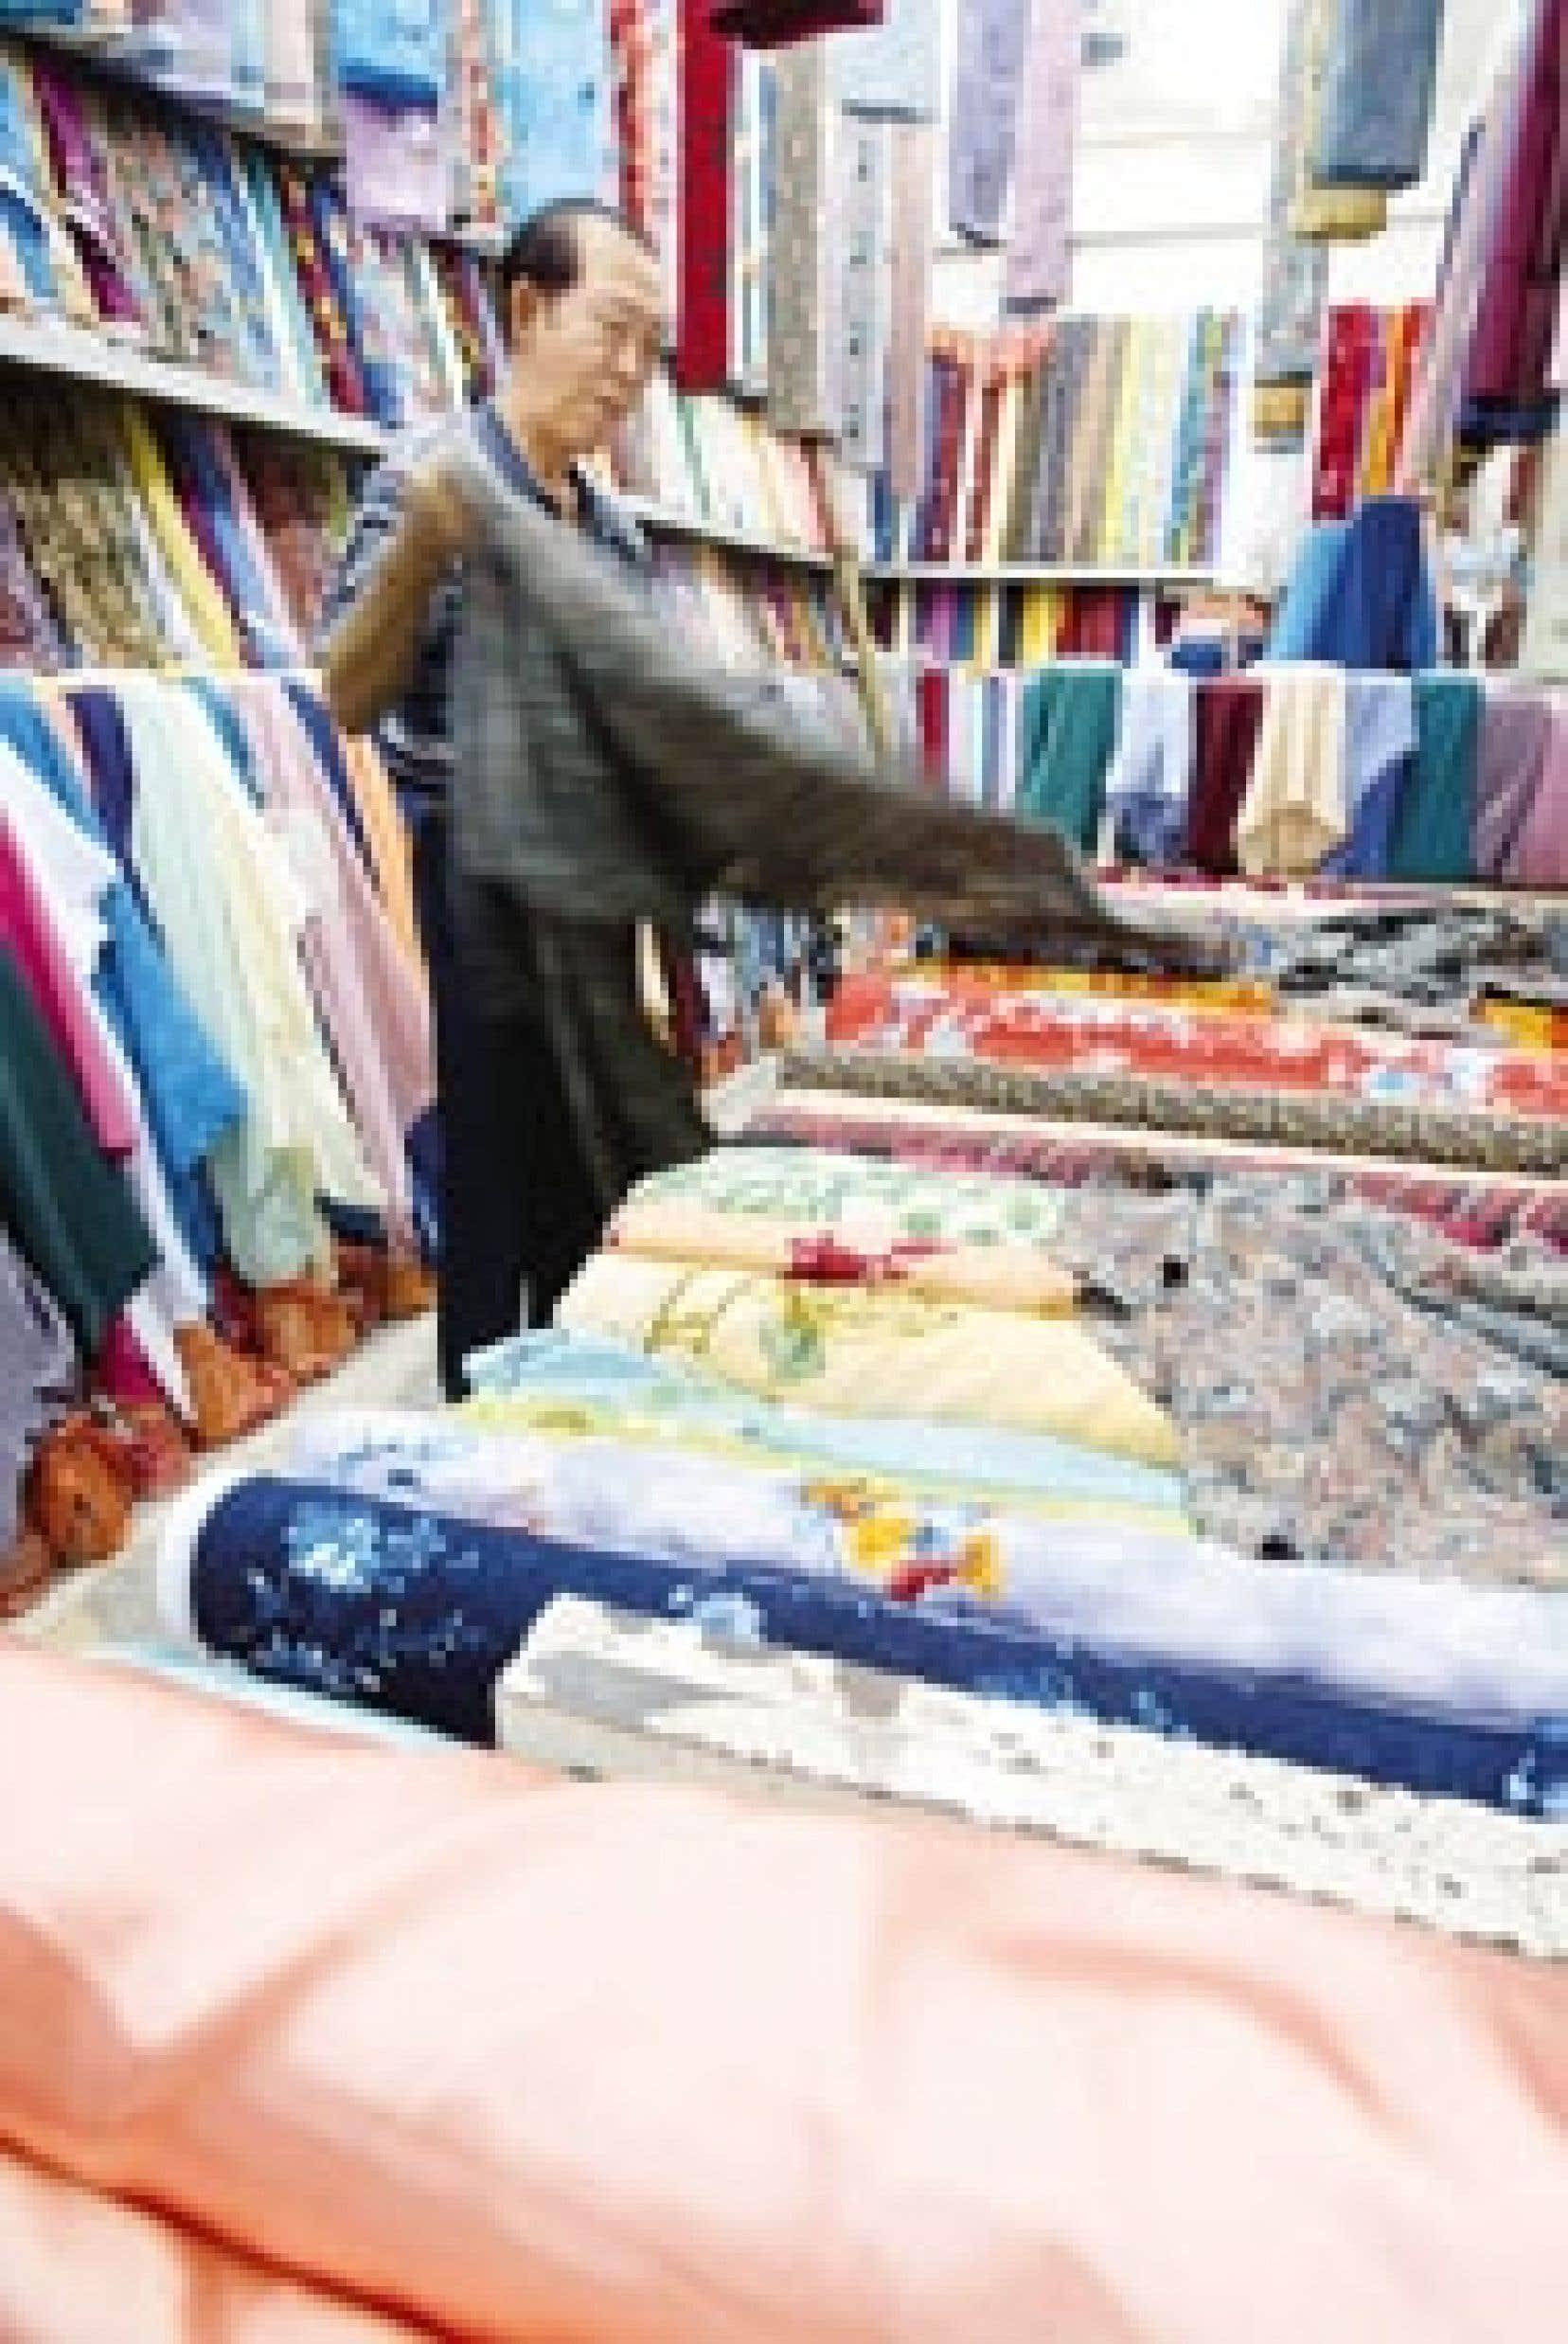 Un marchand de tissus asiatique. Les derniers quotas qui limitaient les importations chinoises peu coûteuses ont disparu au début de l'année.